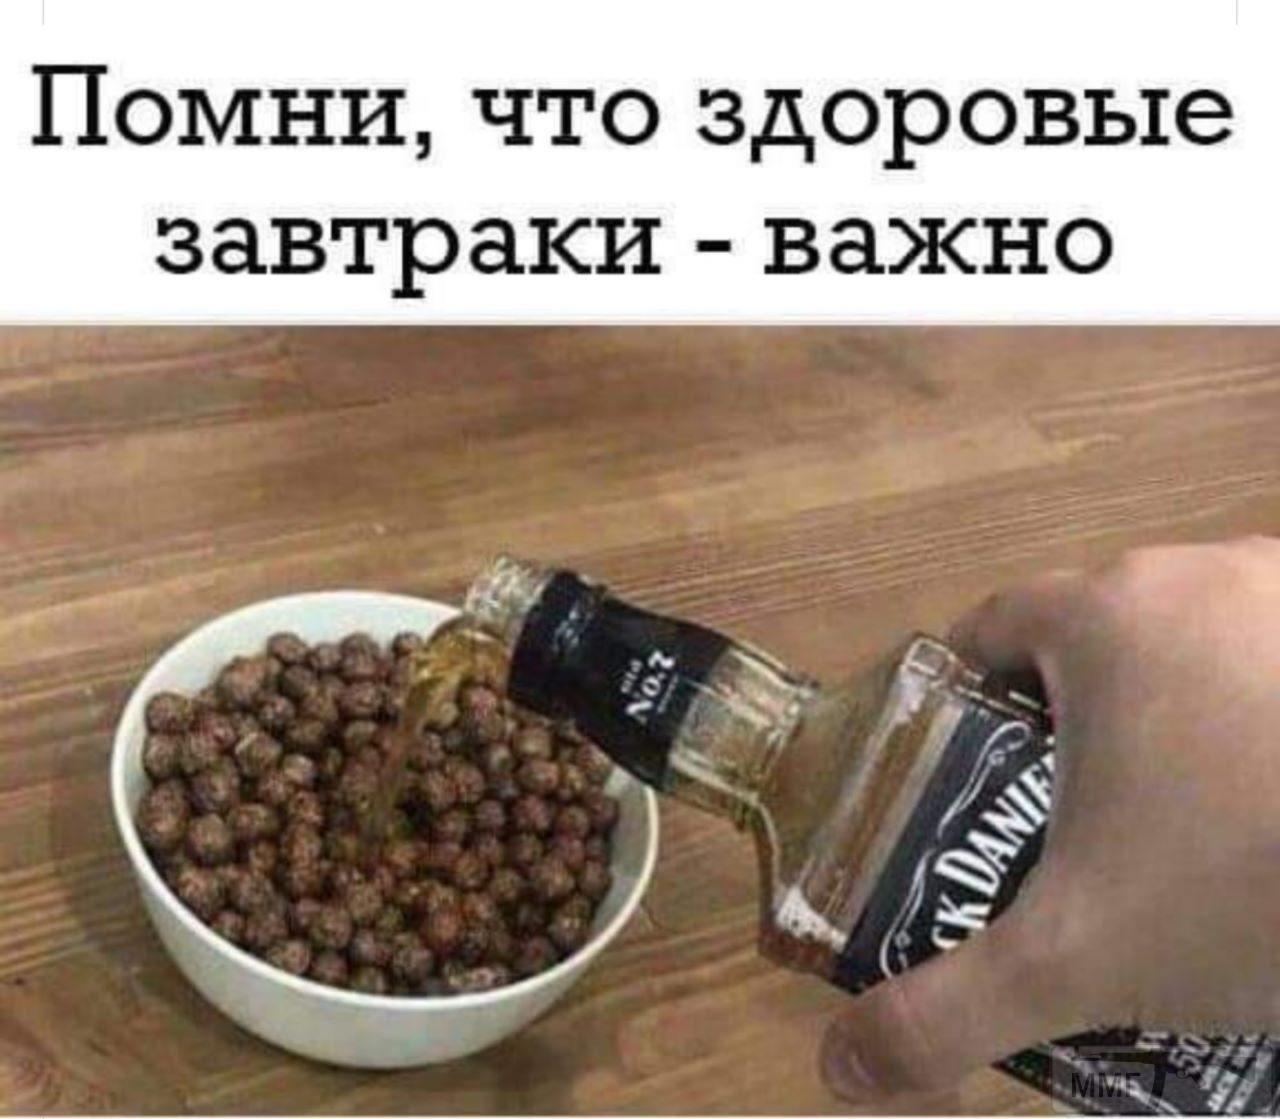 101648 - Пить или не пить? - пятничная алкогольная тема )))